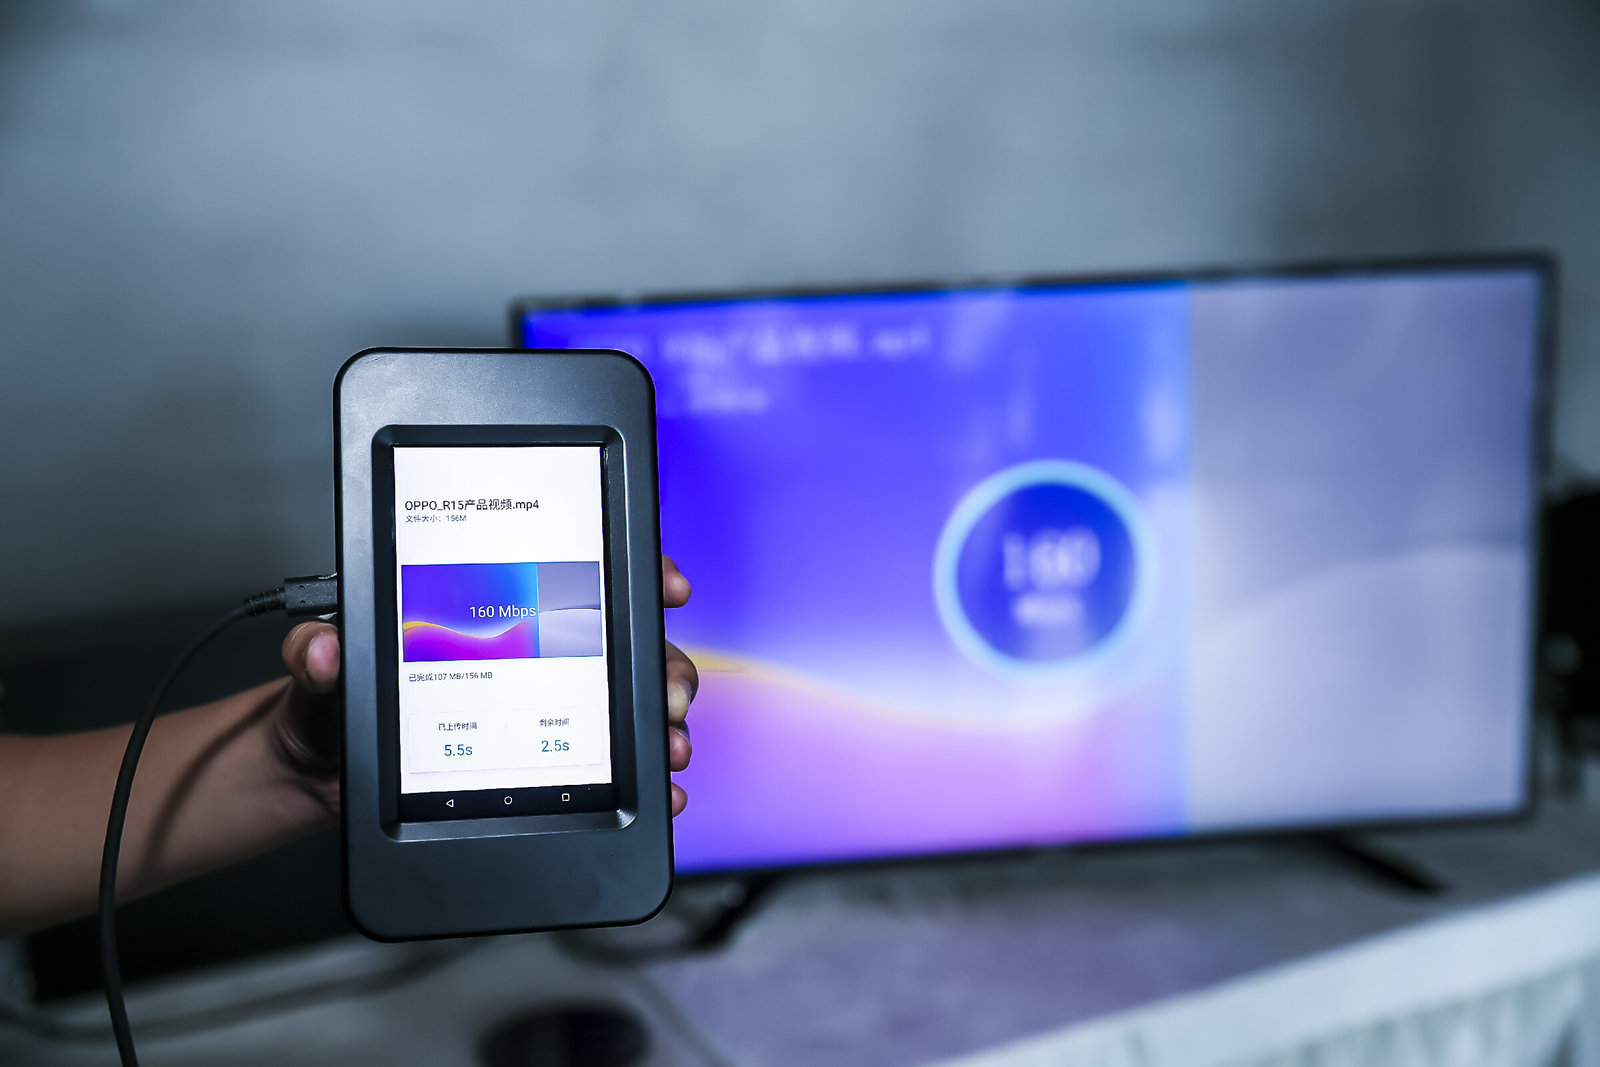 5G下行速率演示   而与传统单摄和双摄系统相比,3D结构光可以实现高准确度的深度信息采集,快速扫描,可靠的暗光表现,简化的深度计算复杂度,并可以实现像3D人像建模等独特功能。   此次技术演示系统采用集成结构光摄像头的定制版OPPO R11s智能手机完成,通过手机的RGB和结构光摄像头分别采集被摄物色彩和3D深度信息,再经过5G传输,最终实时呈现在远端显示器。